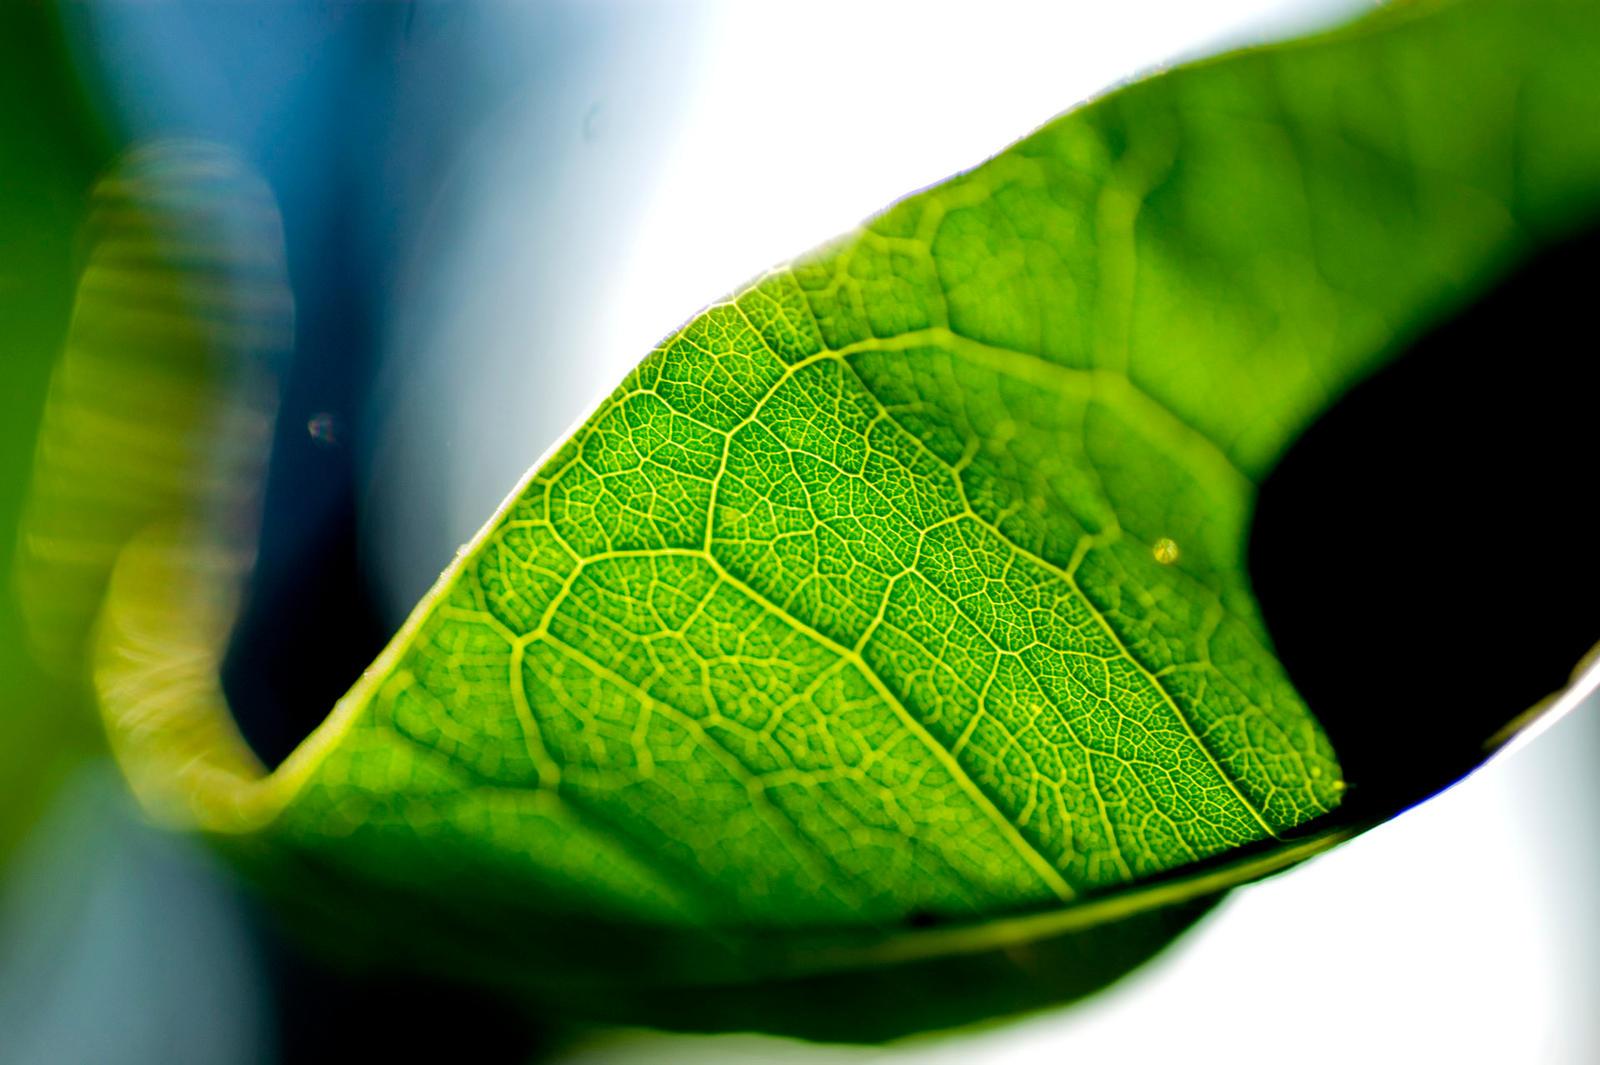 Veins of Leaf I